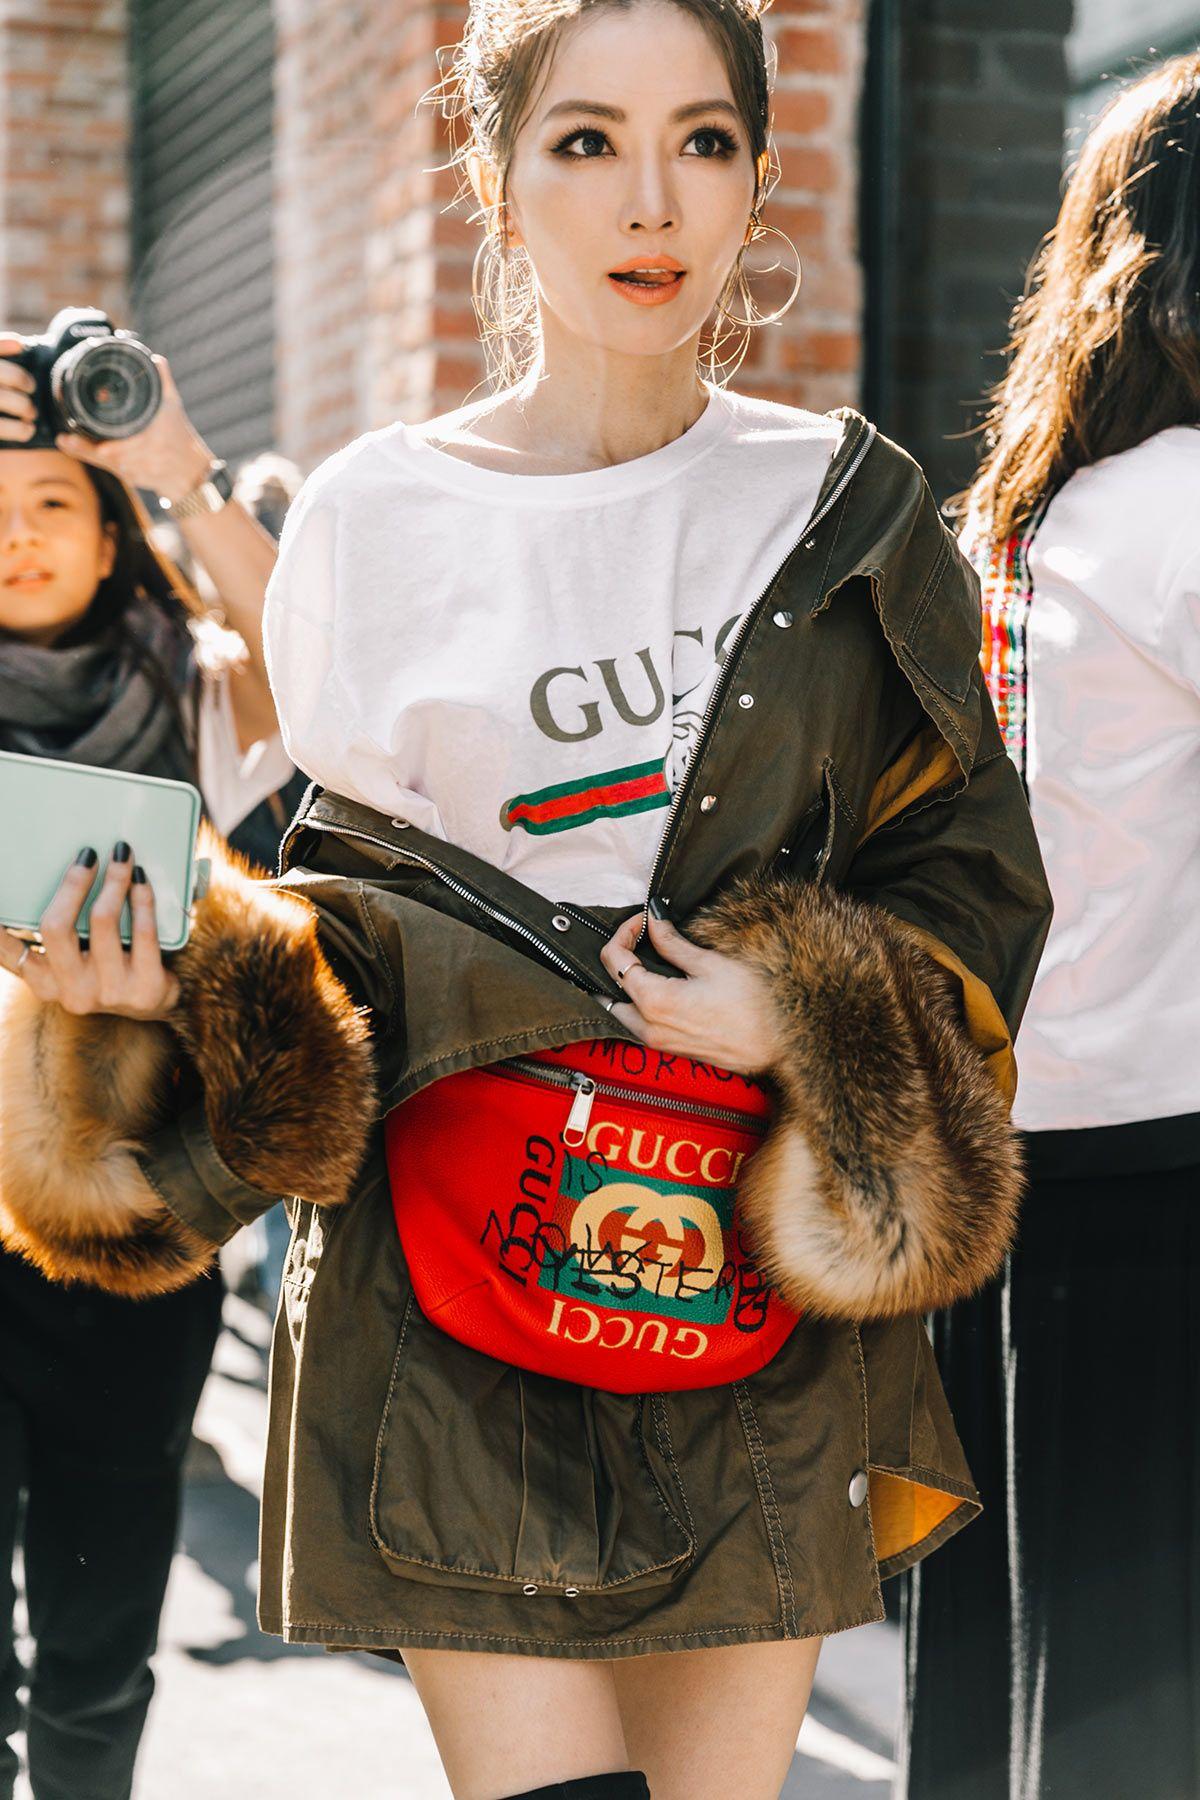 effbae49c Jugárselo a una carta | S T Y L E | Fashion, Gucci outfits y How to ...